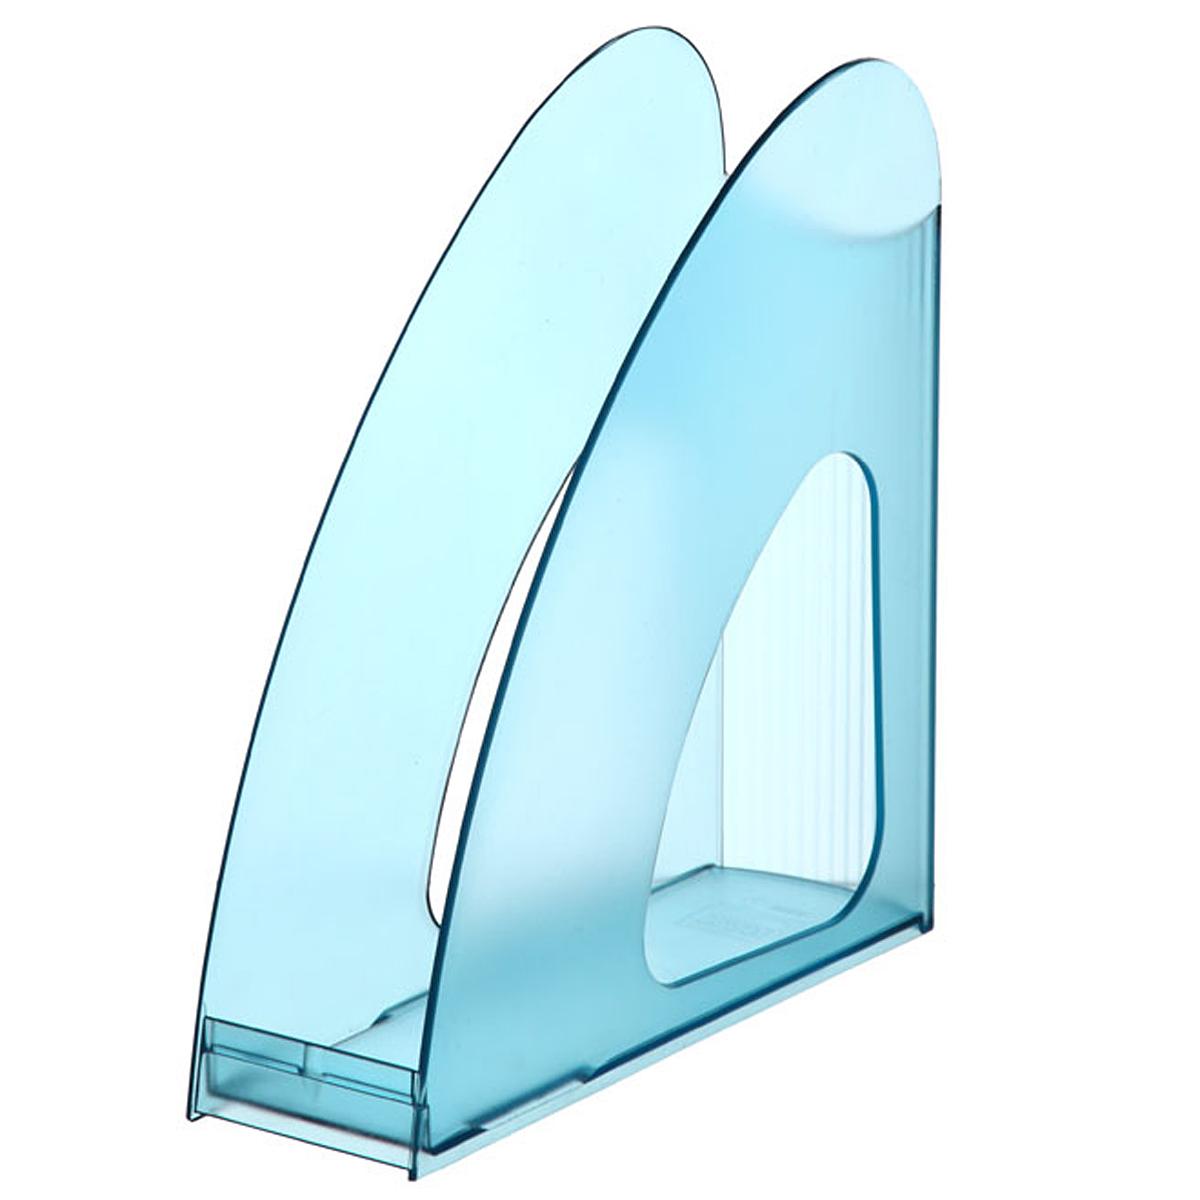 Лоток для бумаг вертикальный HAN Twin, прозрачный, цвет: бирюзовыйHA1611/641Вертикальный лоток для бумаг HAN Twin с оригинальным дизайном корпуса поможет вам навести порядок на столе и сэкономить пространство.Лоток изготовлен из высококачественного антистатического прозрачного пластика. Низкий передний порог облегчает изъятие документов из накопителя.Благодаря лотку для бумаг, важные бумаги и документы всегда будут под рукой.